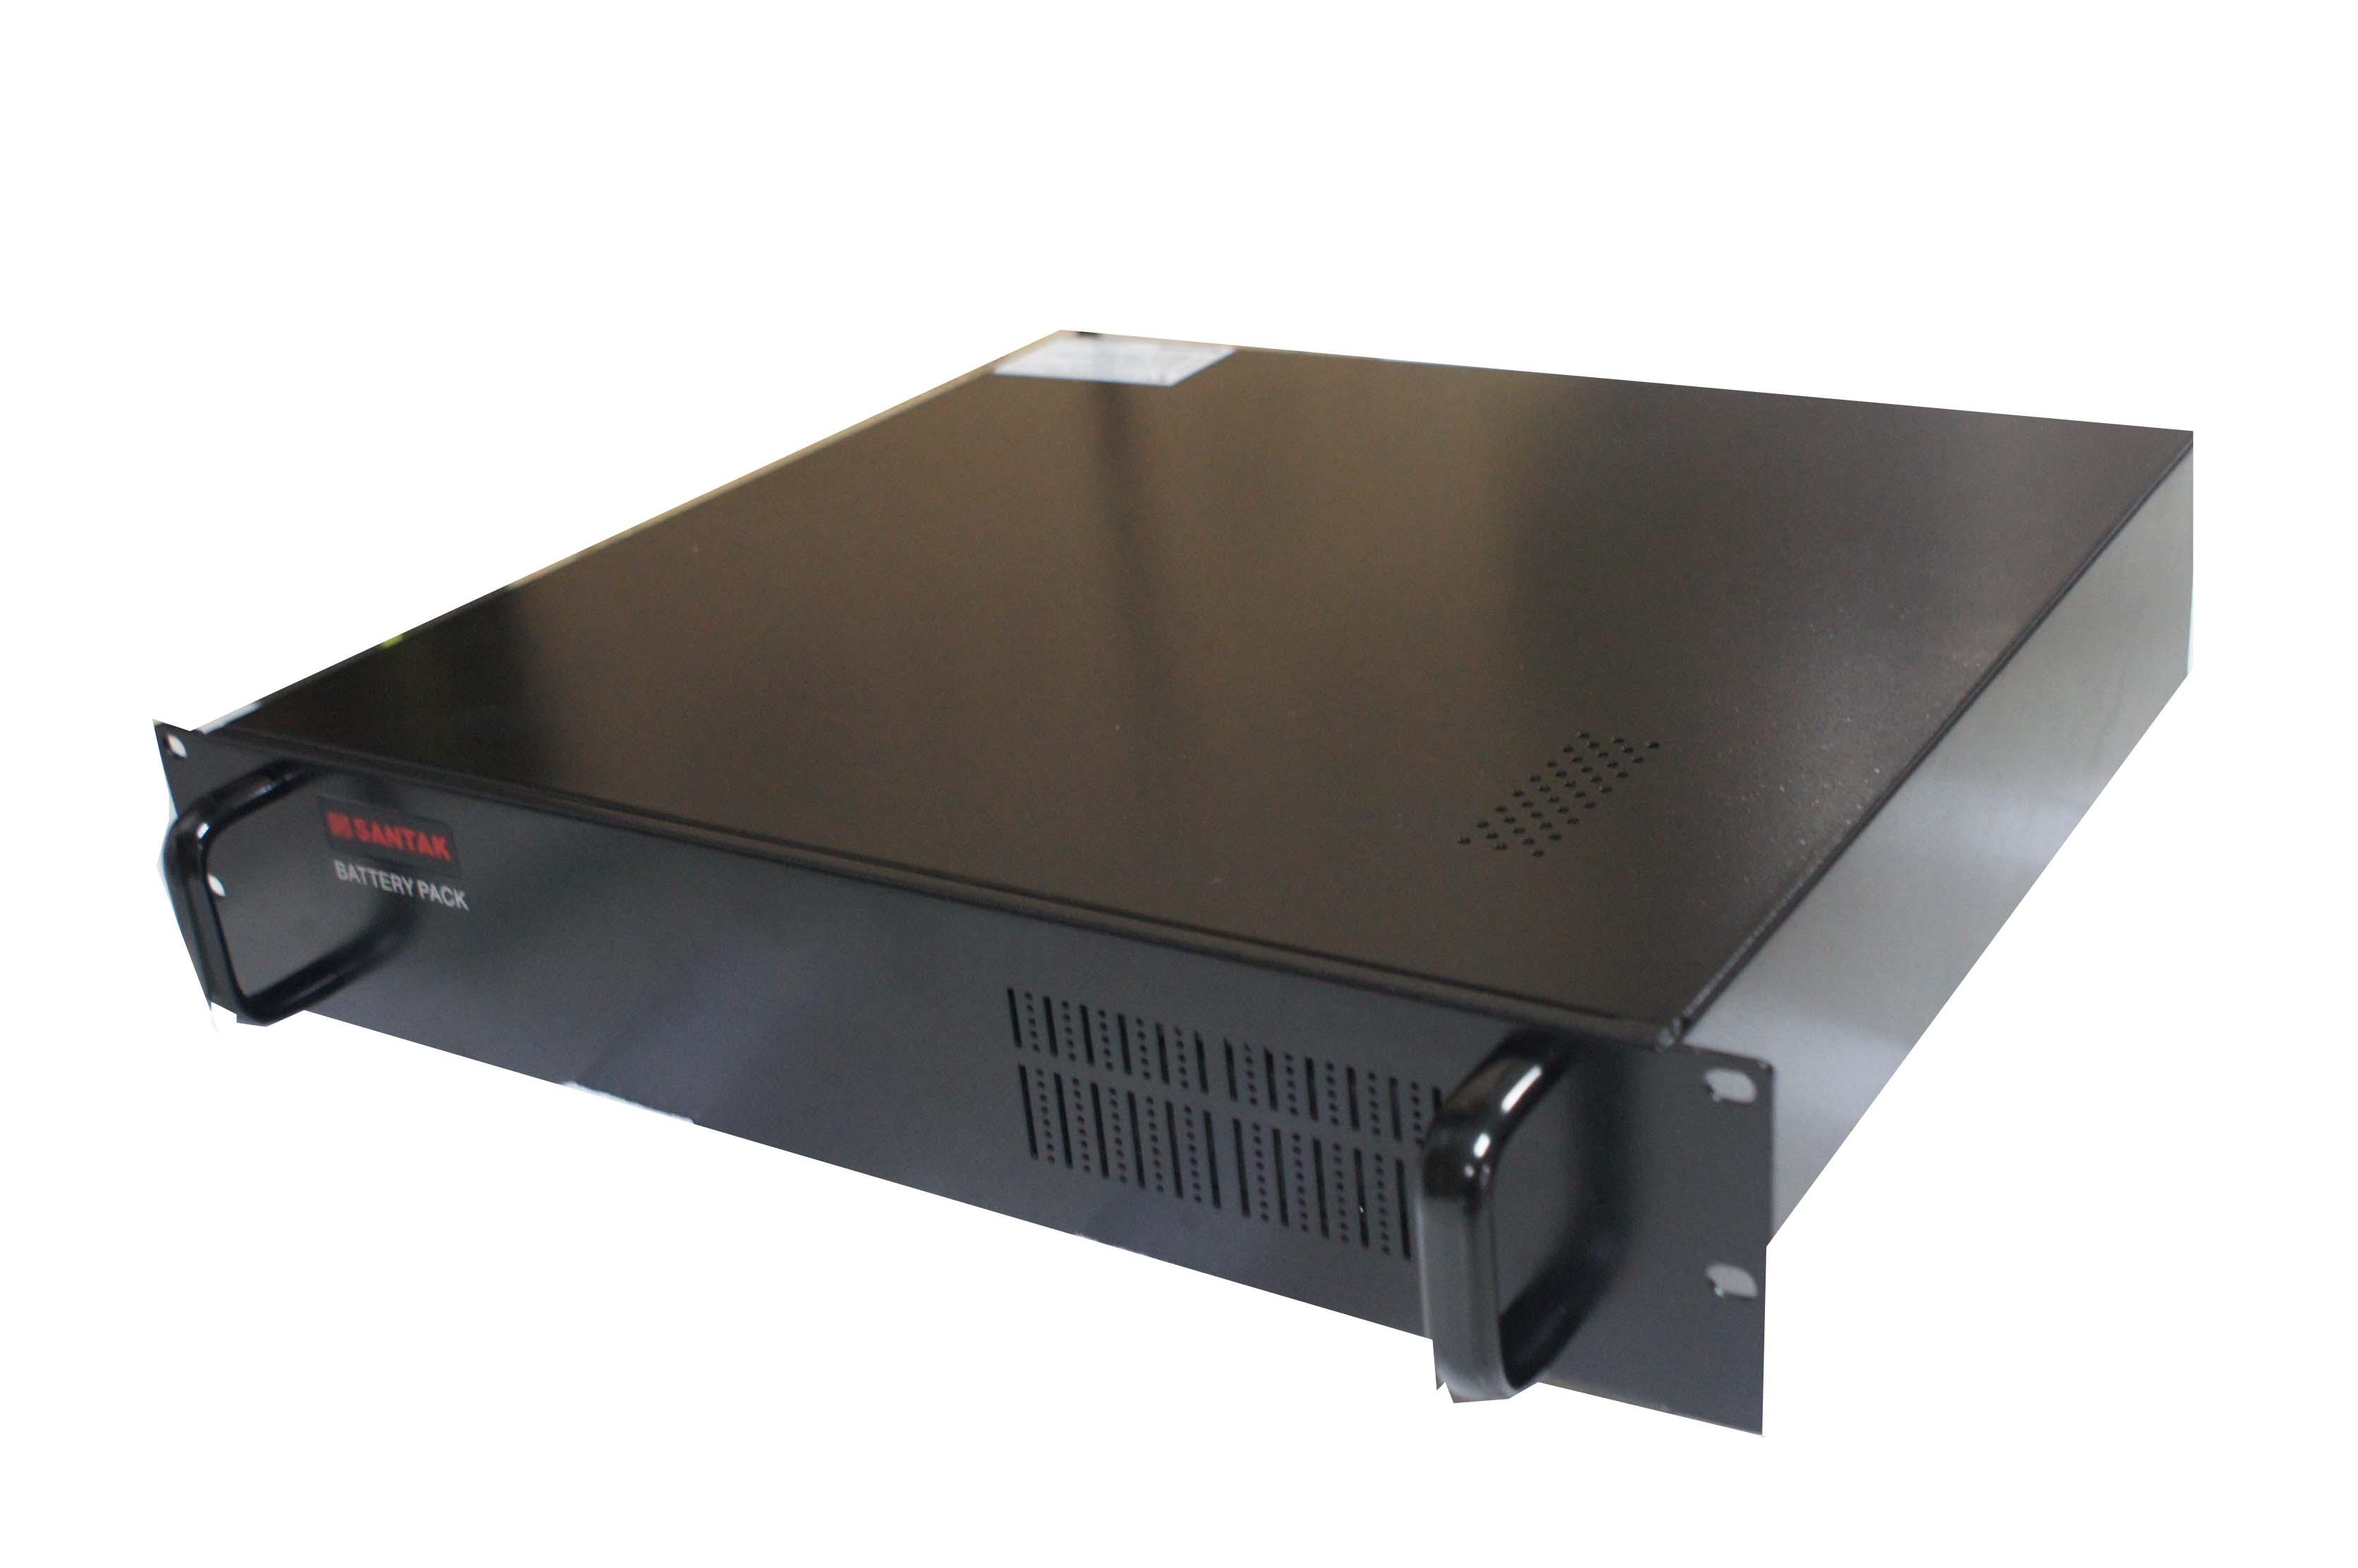 非常にく機構えUPSC1KRSRack1K専用バッテリパックB7032配合機使用長い遅延